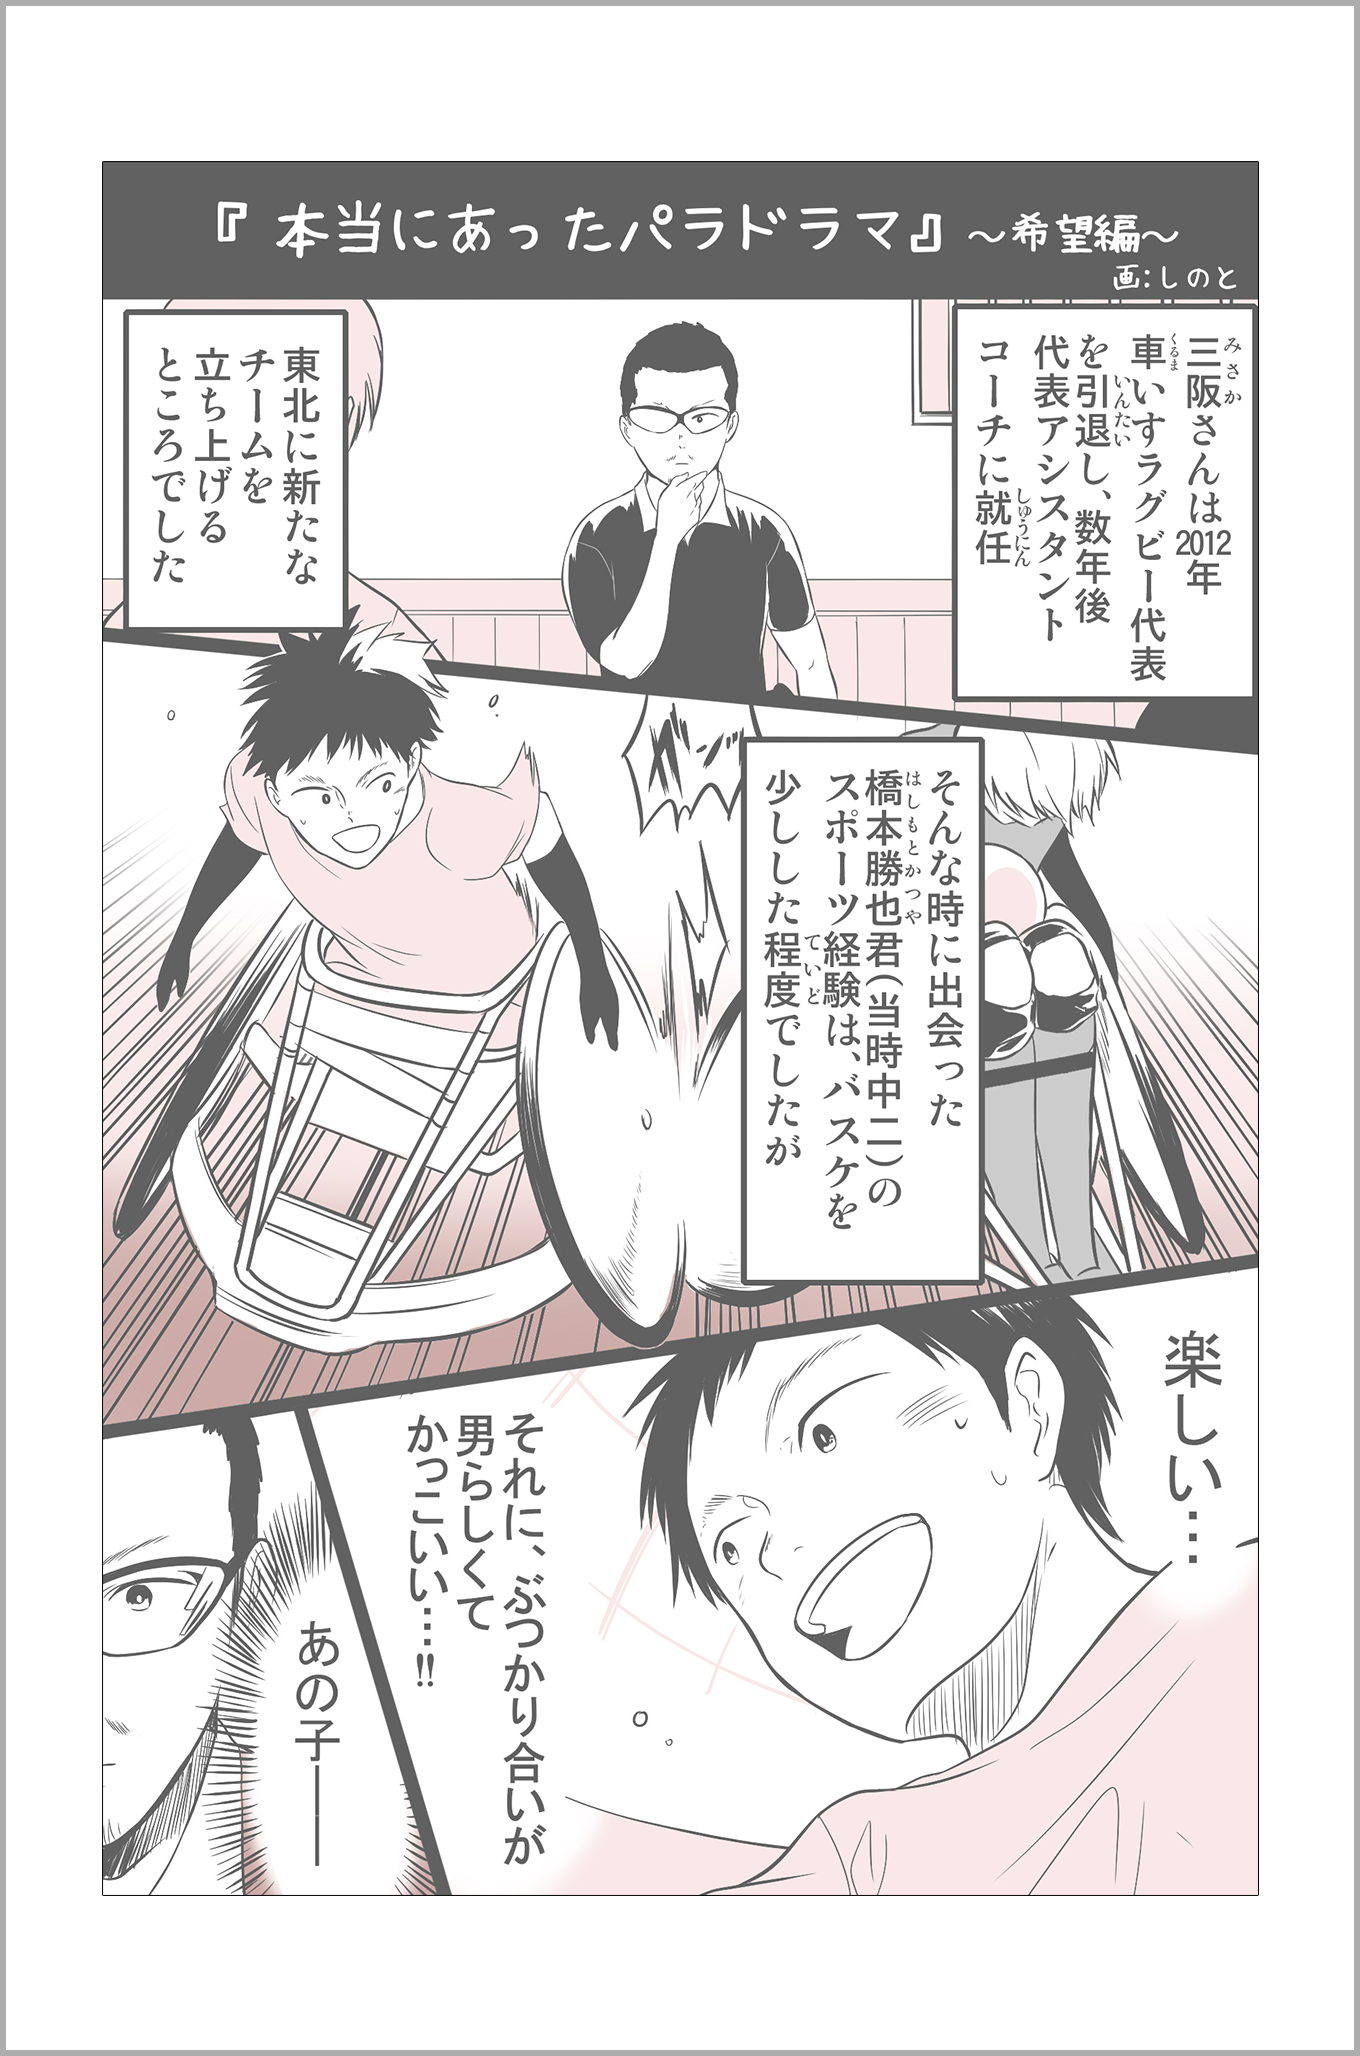 三阪さんは2012年車いすラグビー代表を引退し、数年後代表アシスタントコーチに就任。東北に新たなチームを立ち上げるところでした。そんな時に出会った橋本勝也君(当時中二)のスポーツ経験は、バスケを少しした程度でしたが、橋本君:楽しい…それに、ぶつかり合いが男らしくてかっこいい!三坂さん:あの子ーー